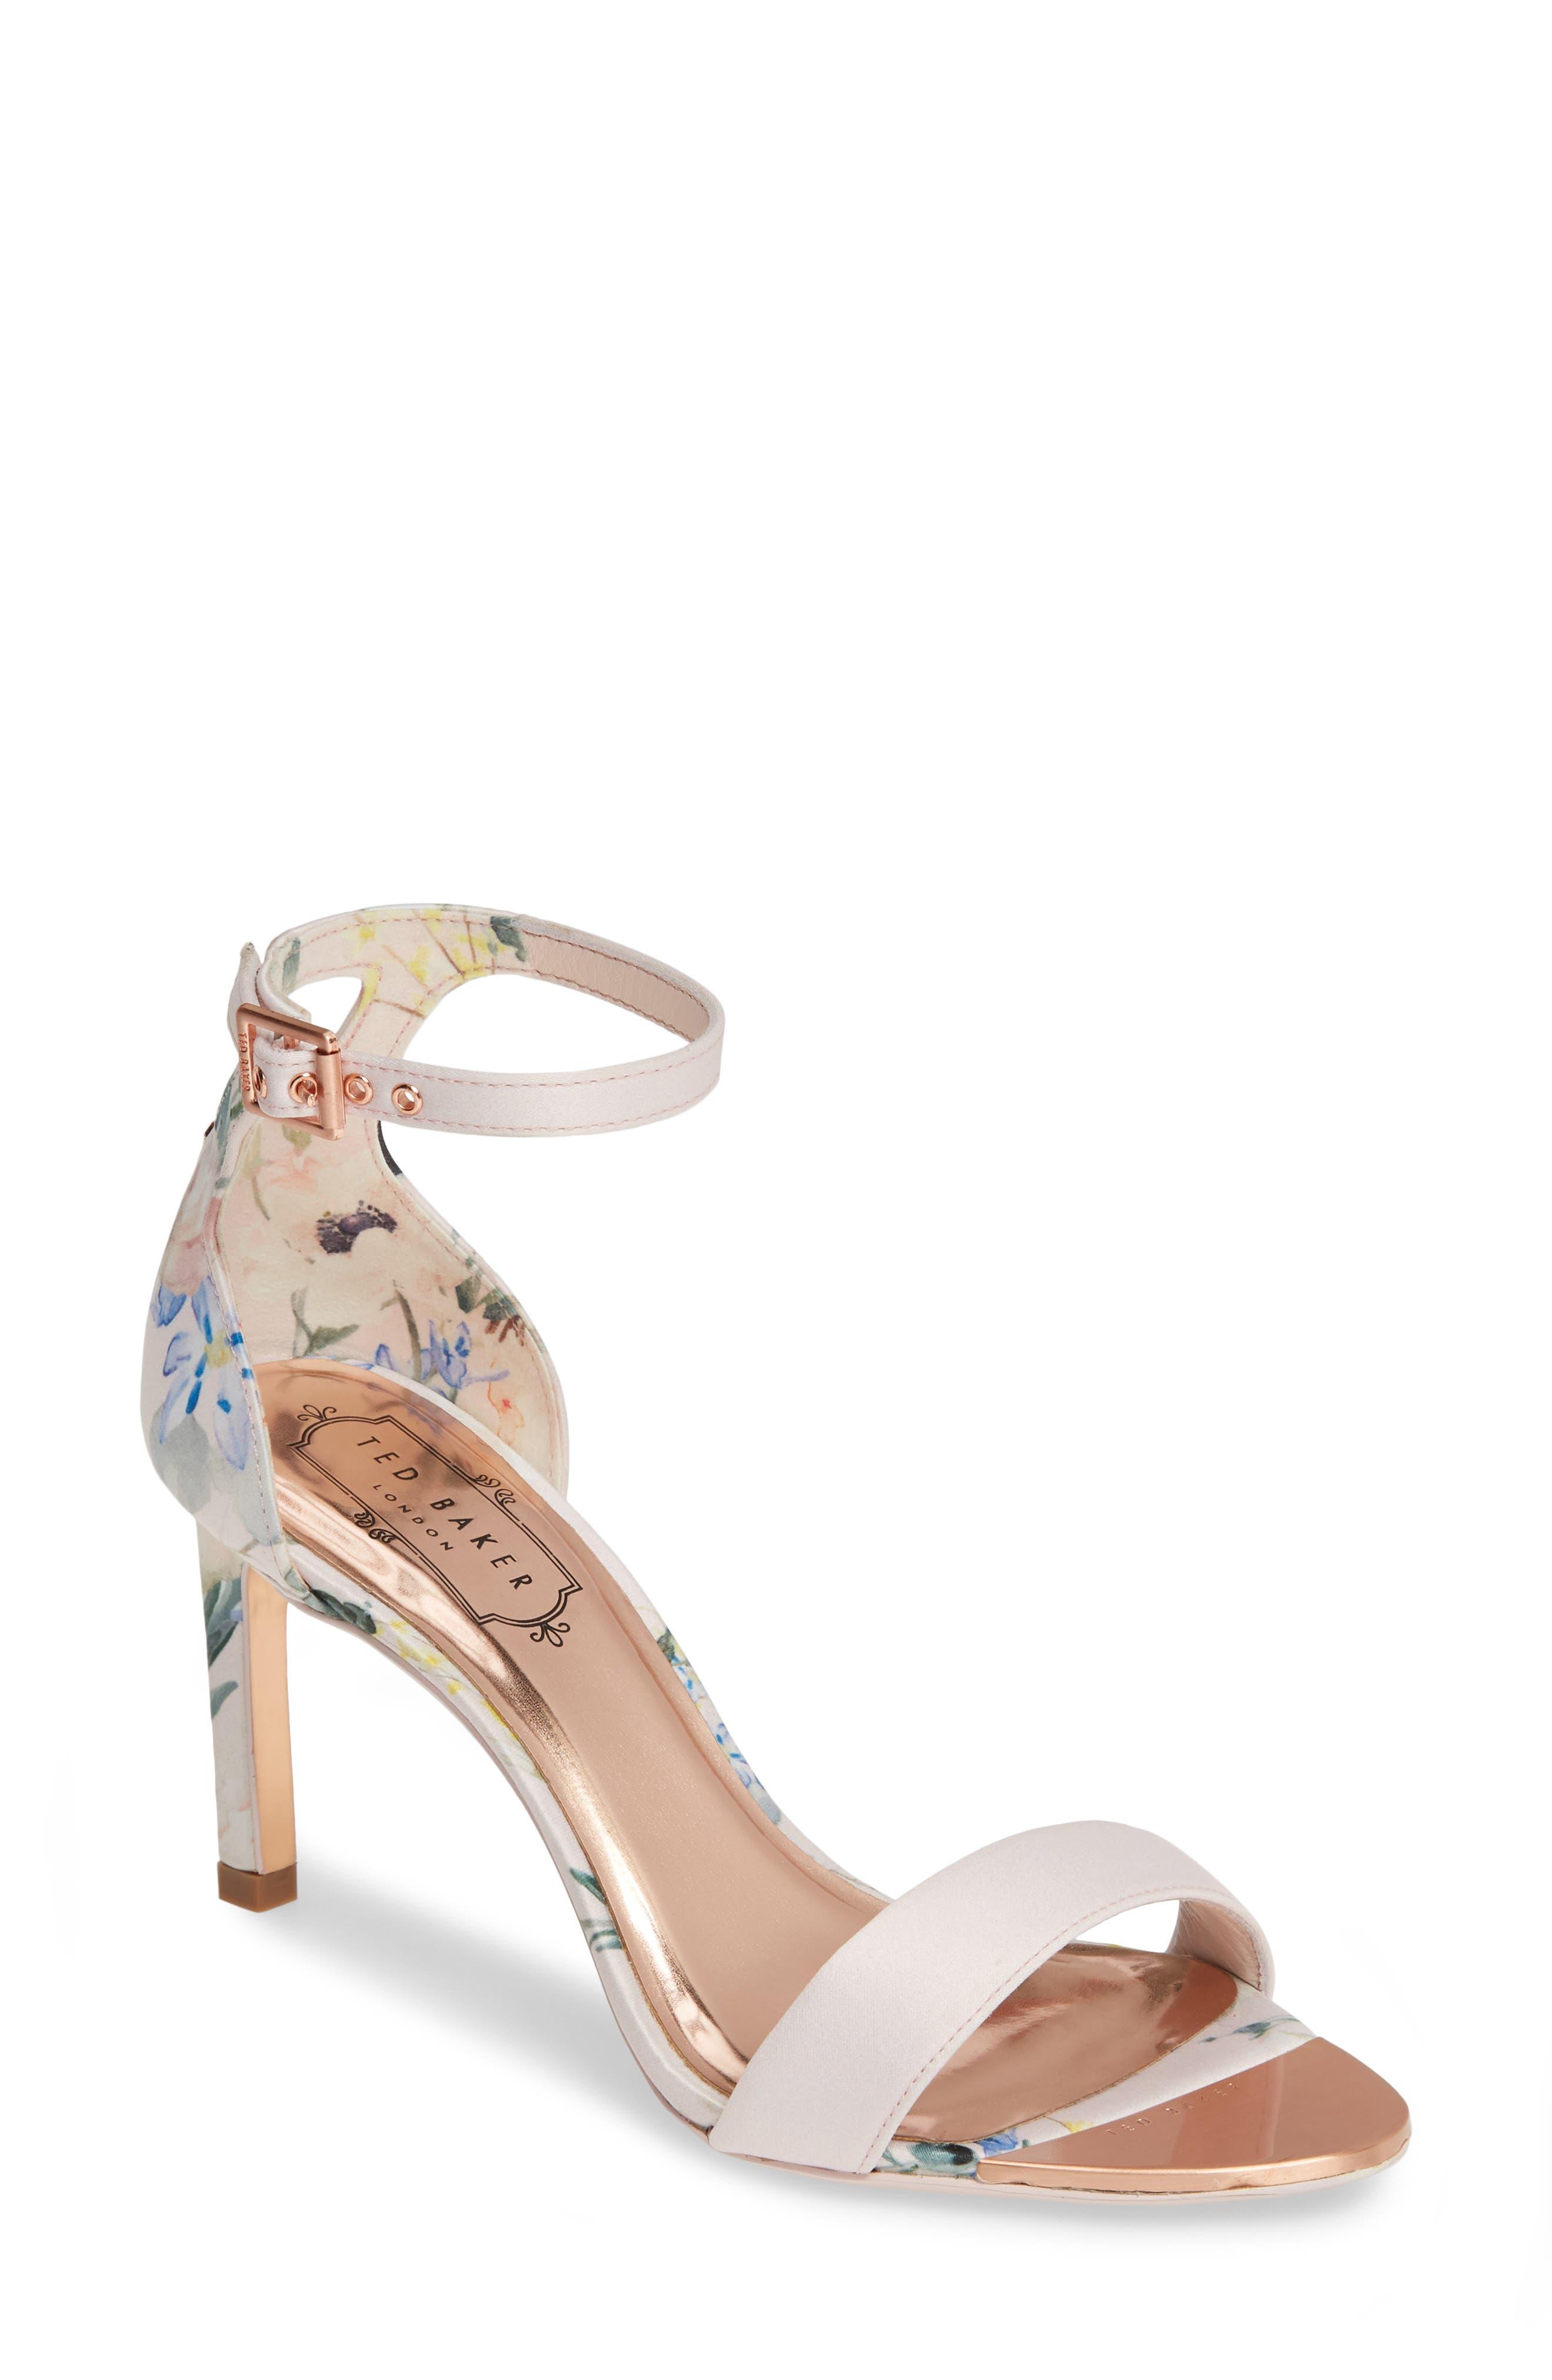 Ted Baker London Ankle Strap Sandal - Pink